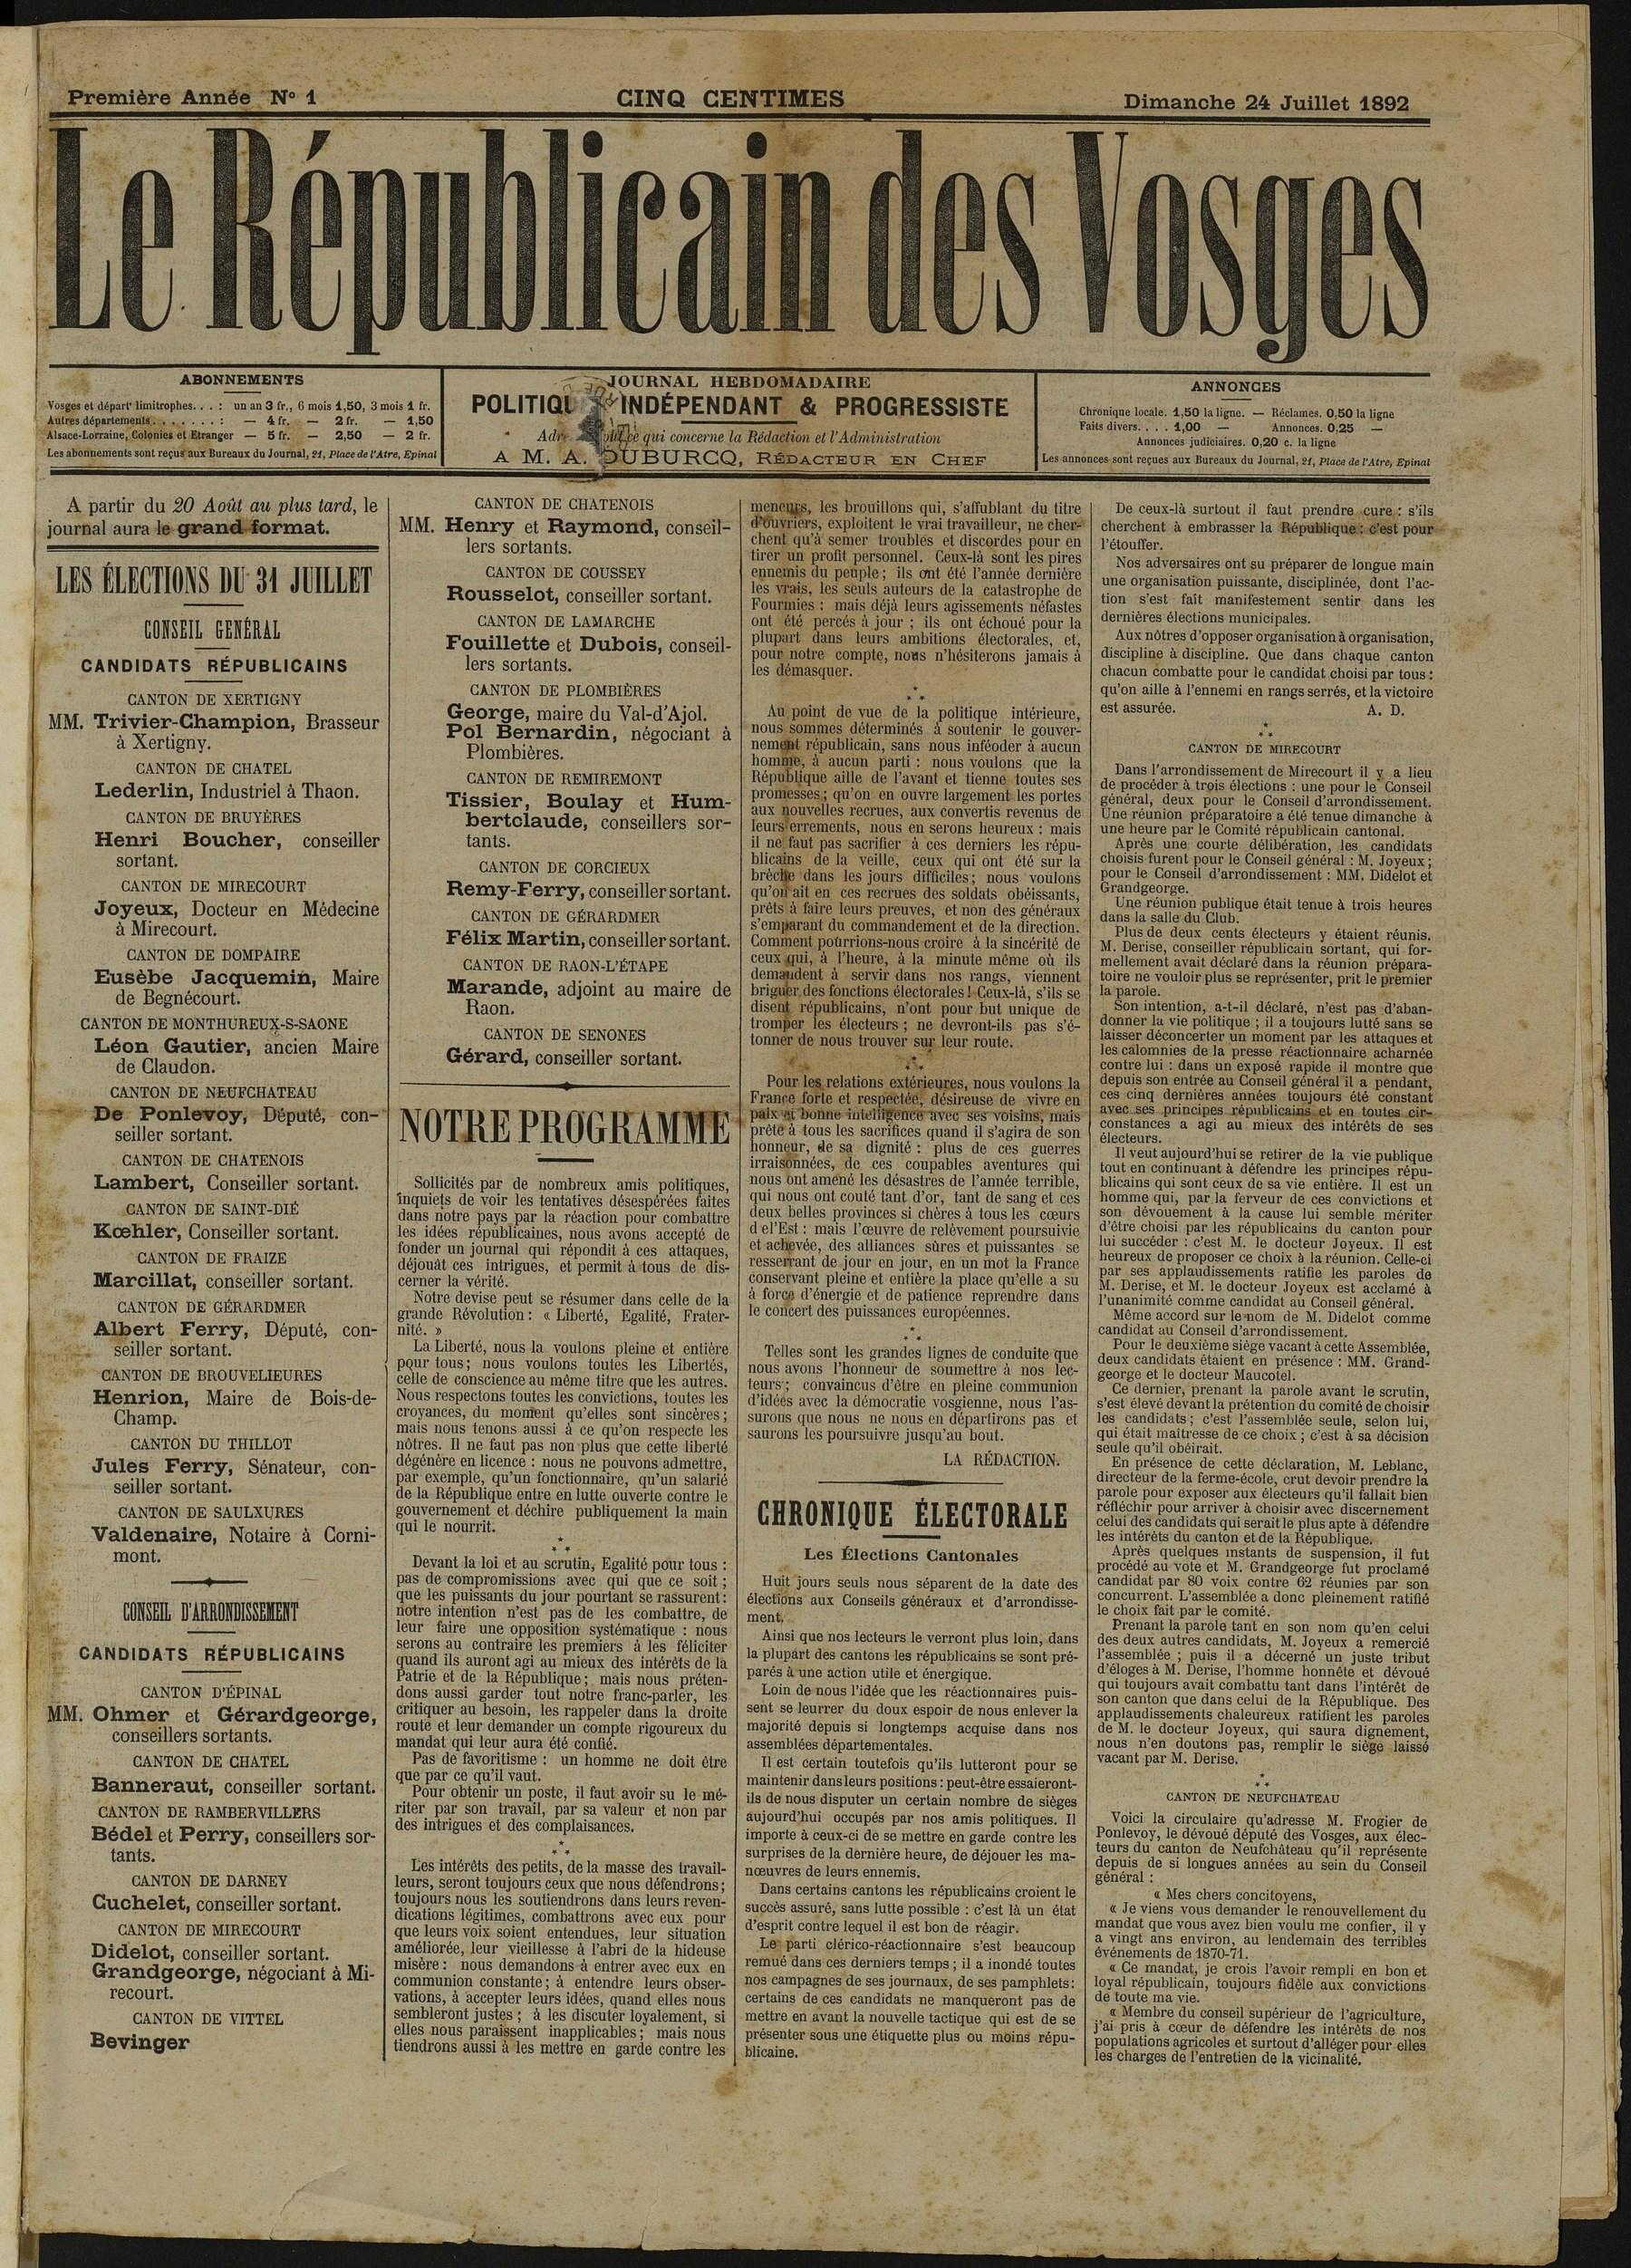 Contenu du Le Républicain des Vosges, journal hebdomadaire, politique, indépendant et progressiste